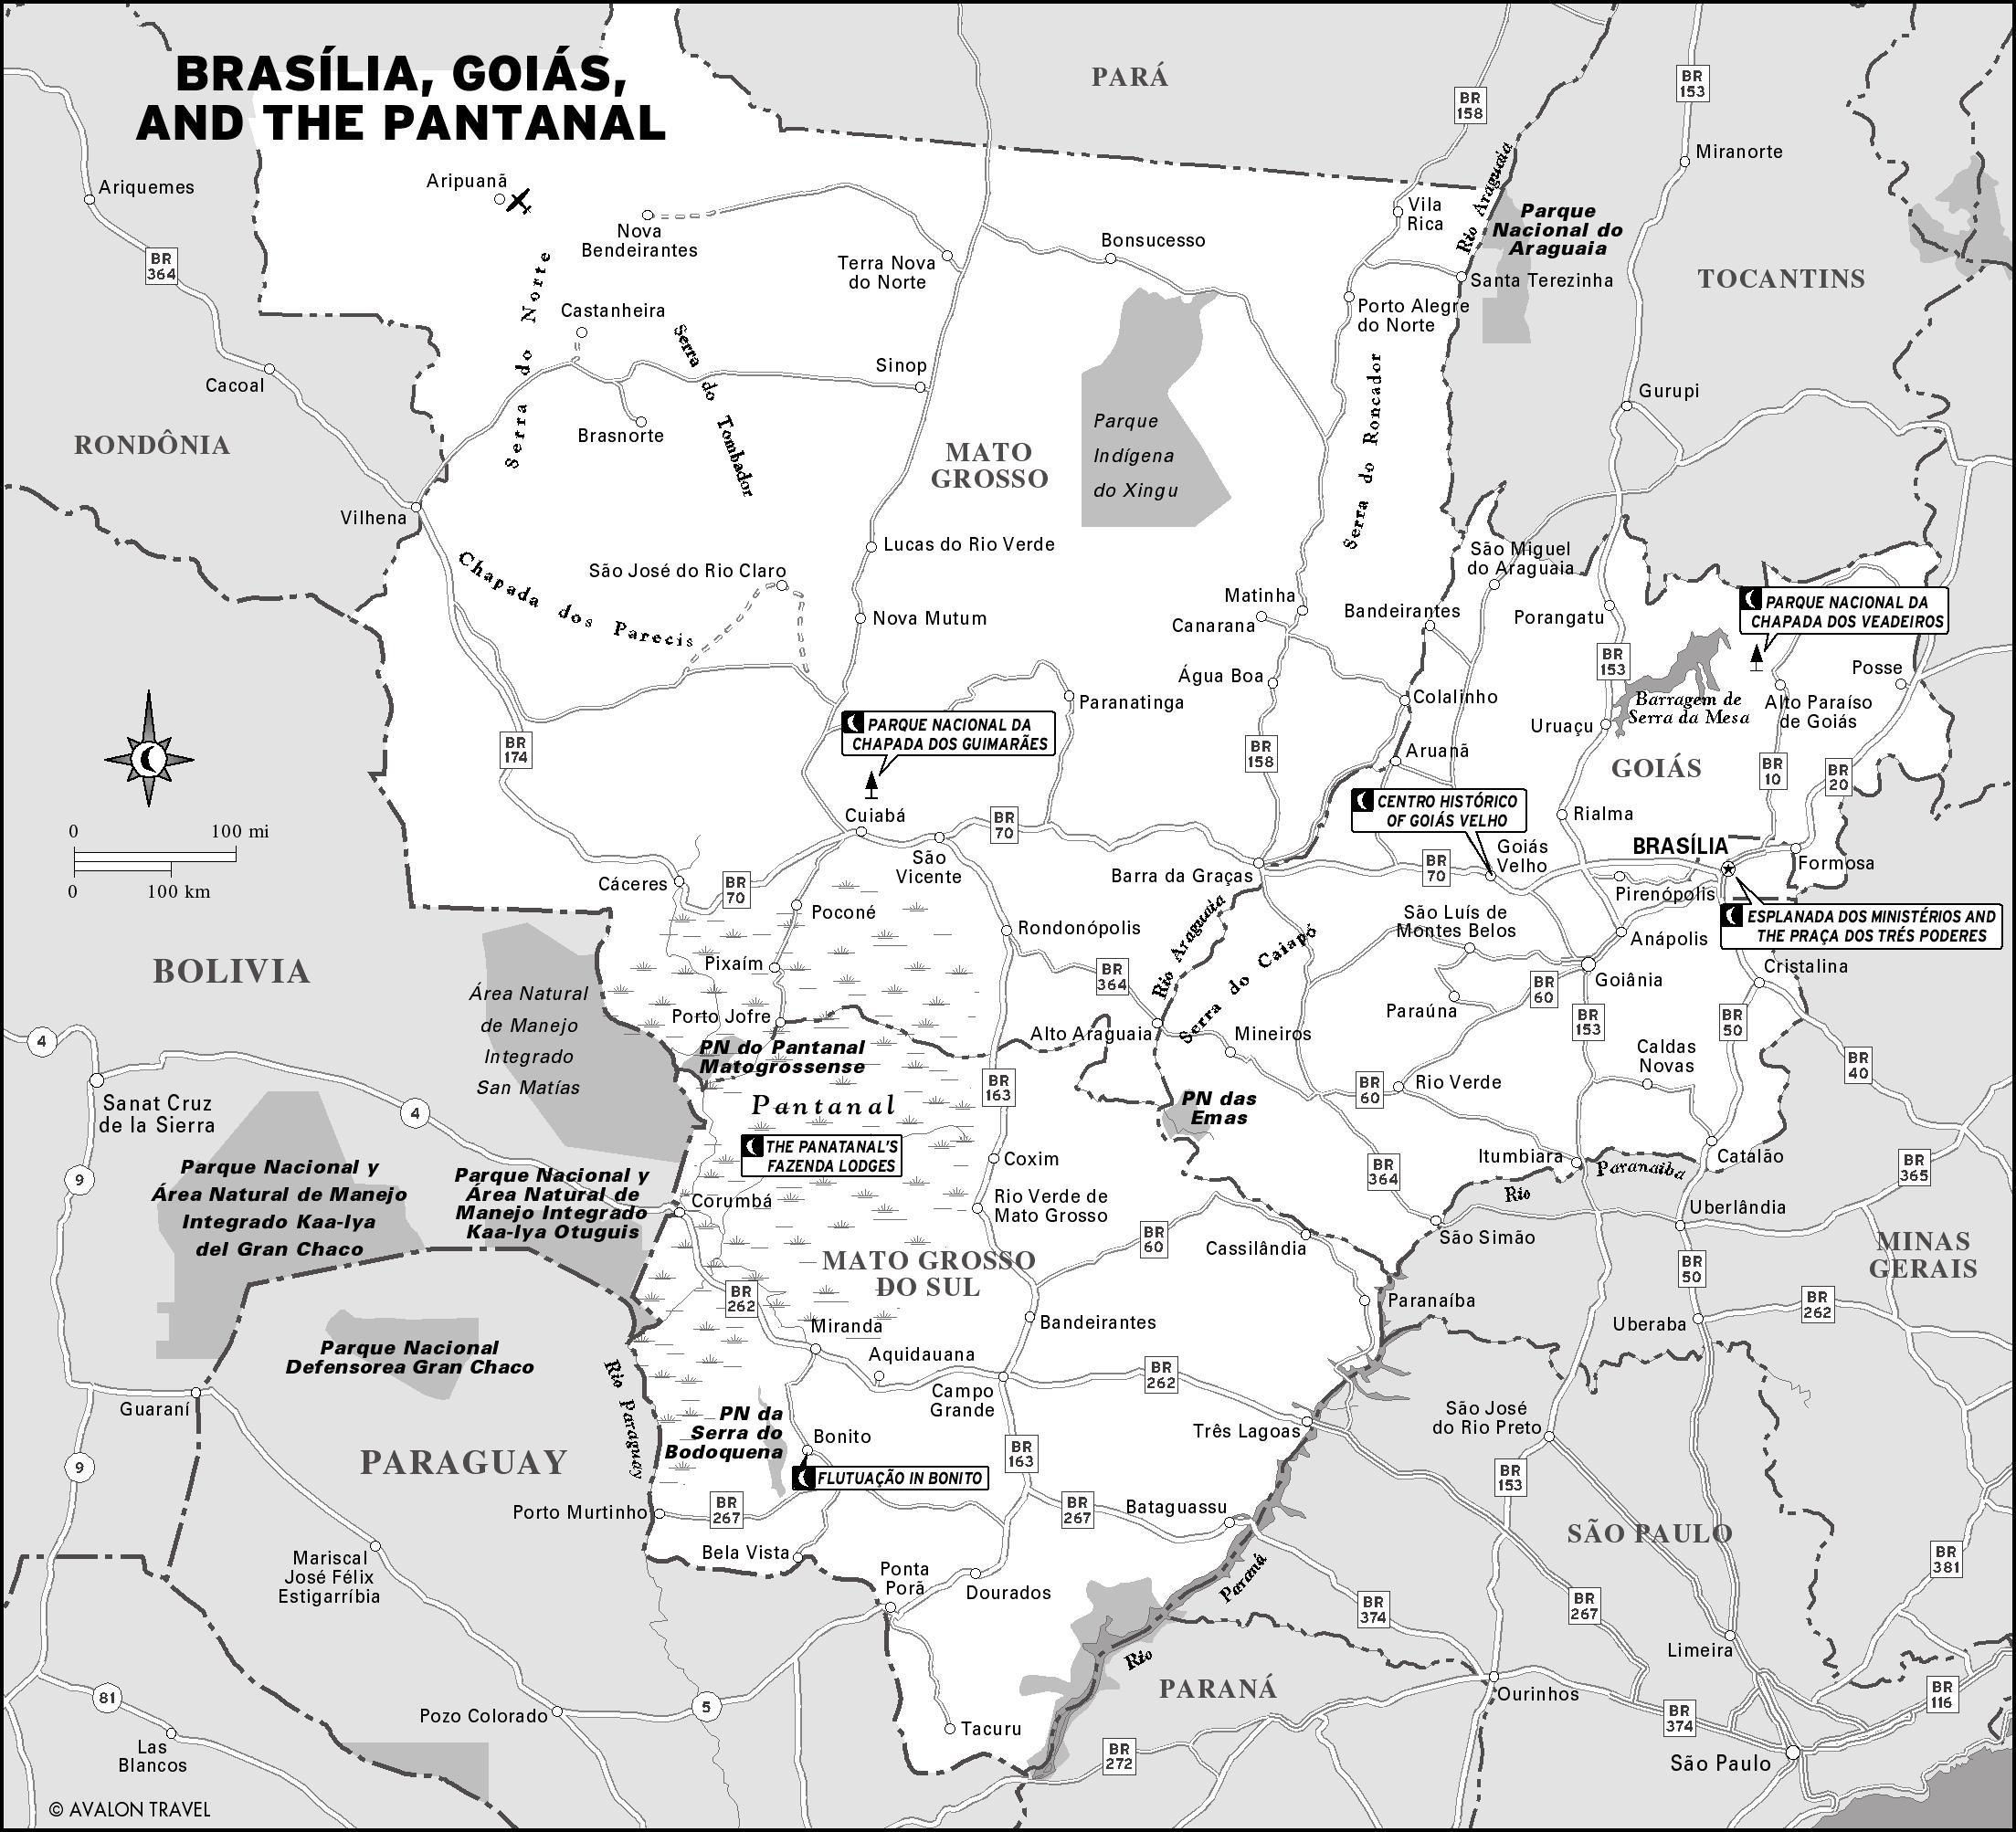 географическое расположение бразилия: